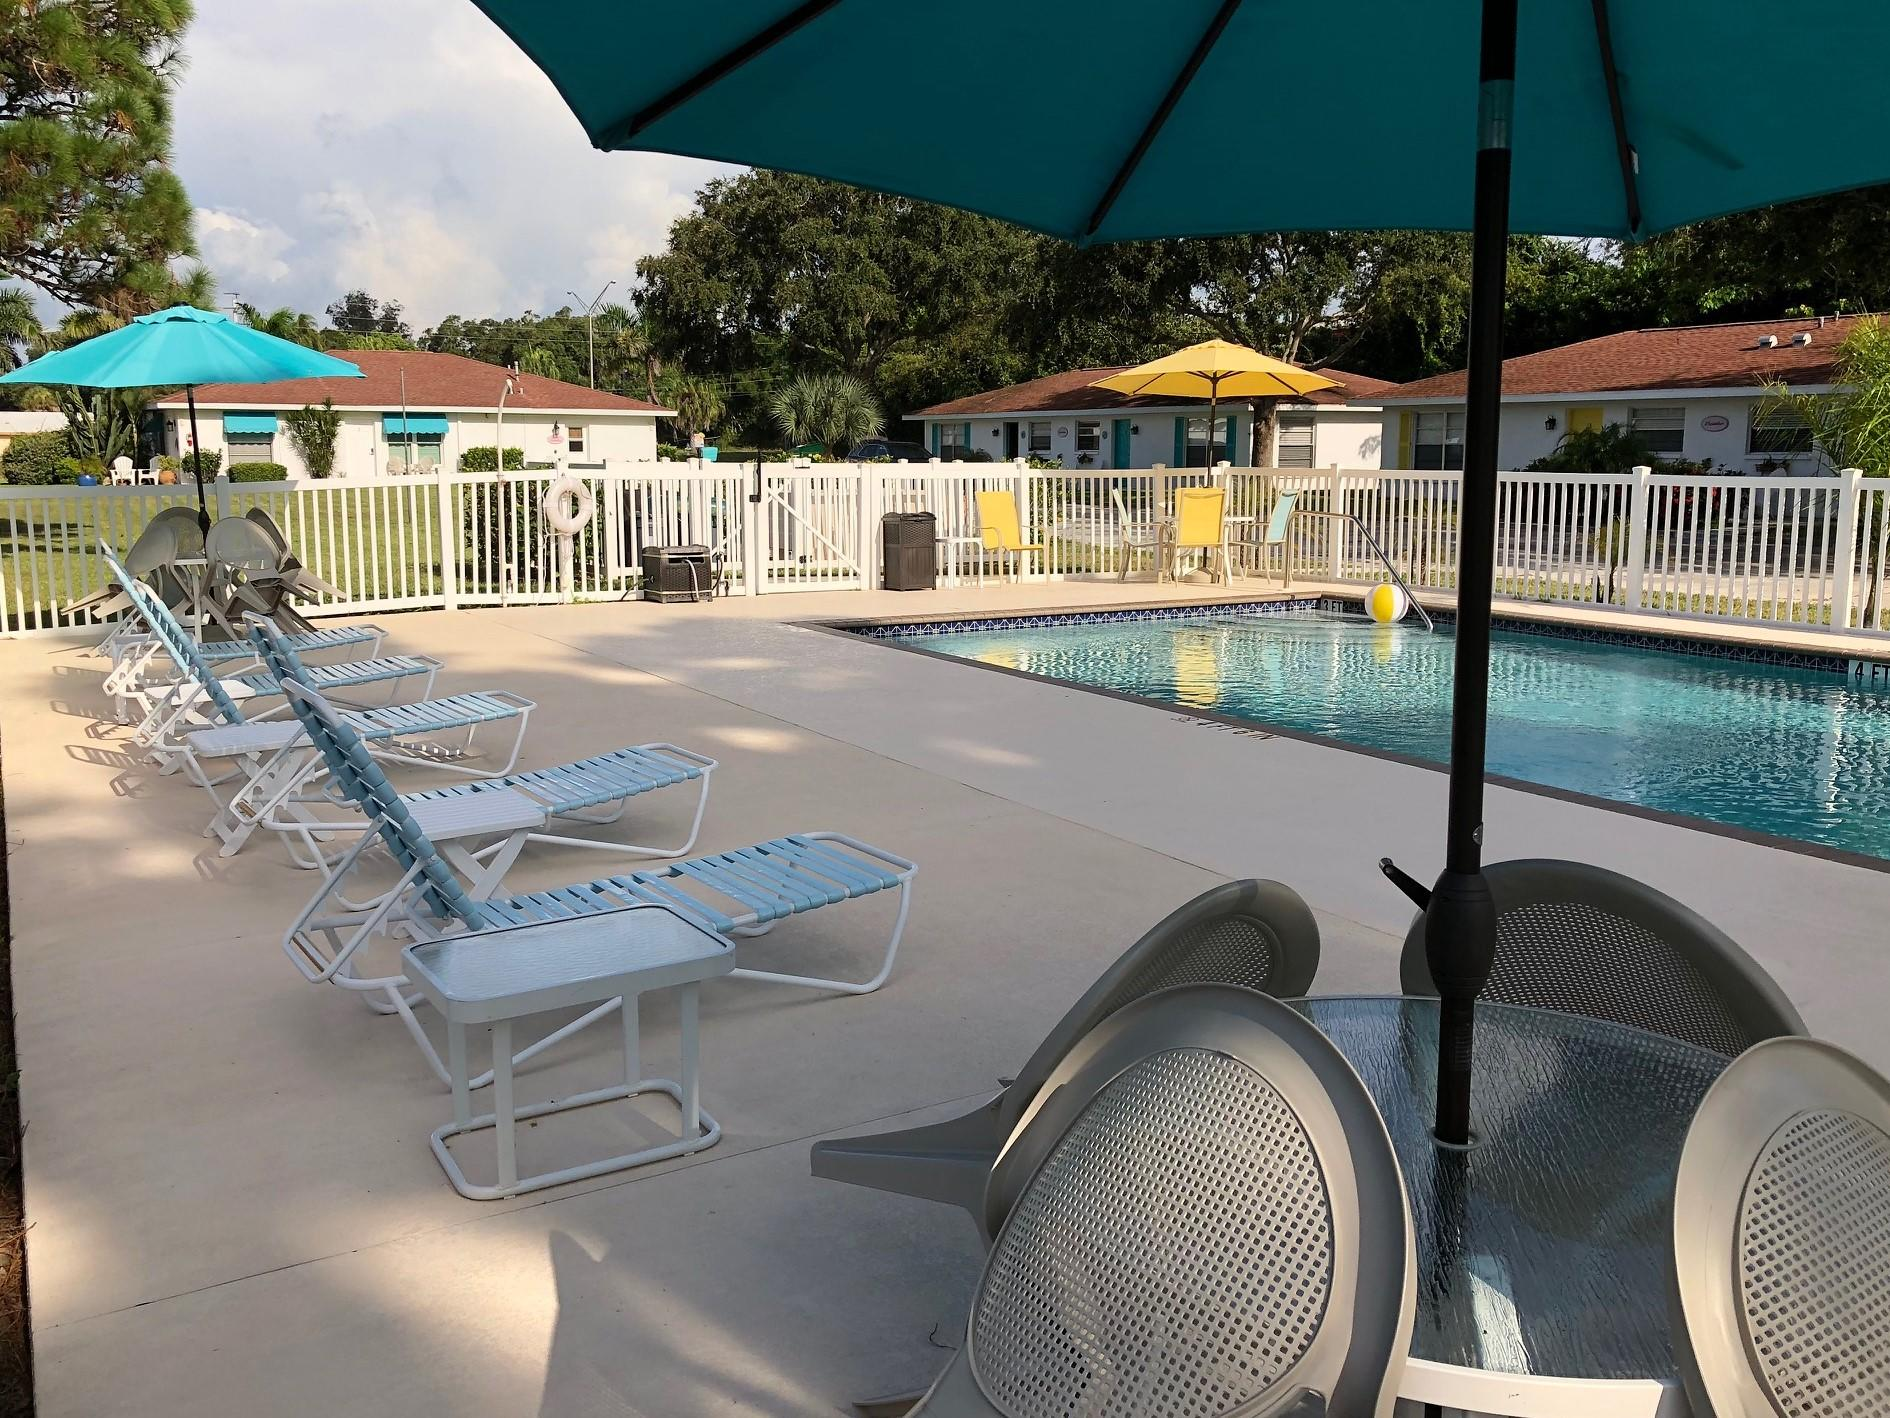 Addys Villas Vacation Rentals   Motel image 1